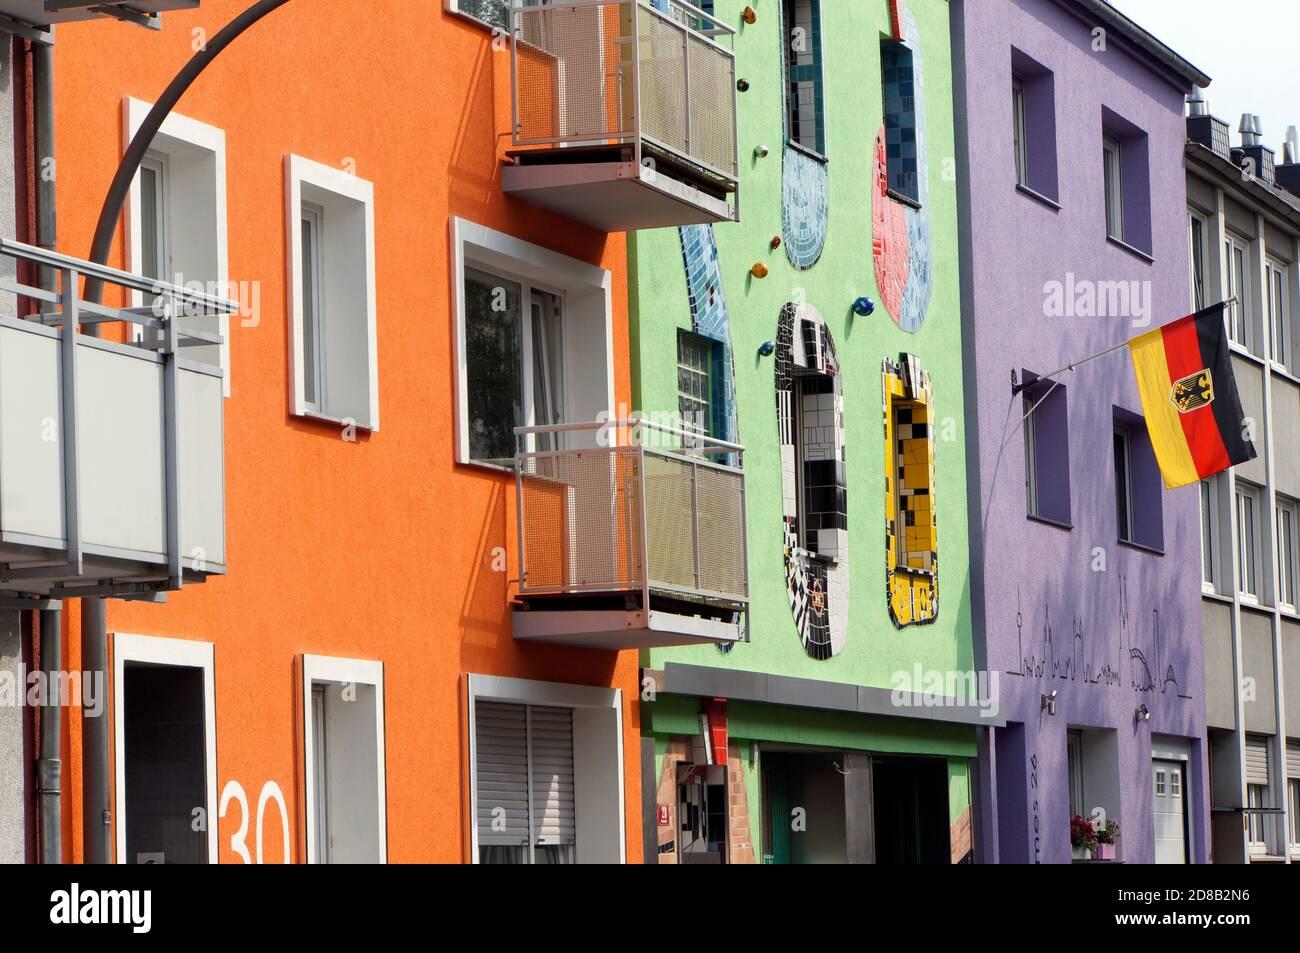 bunte Fassaden in einer Wohnstraße, Köln, Nordrhein-Westfalen, Deutschland Stock Photo